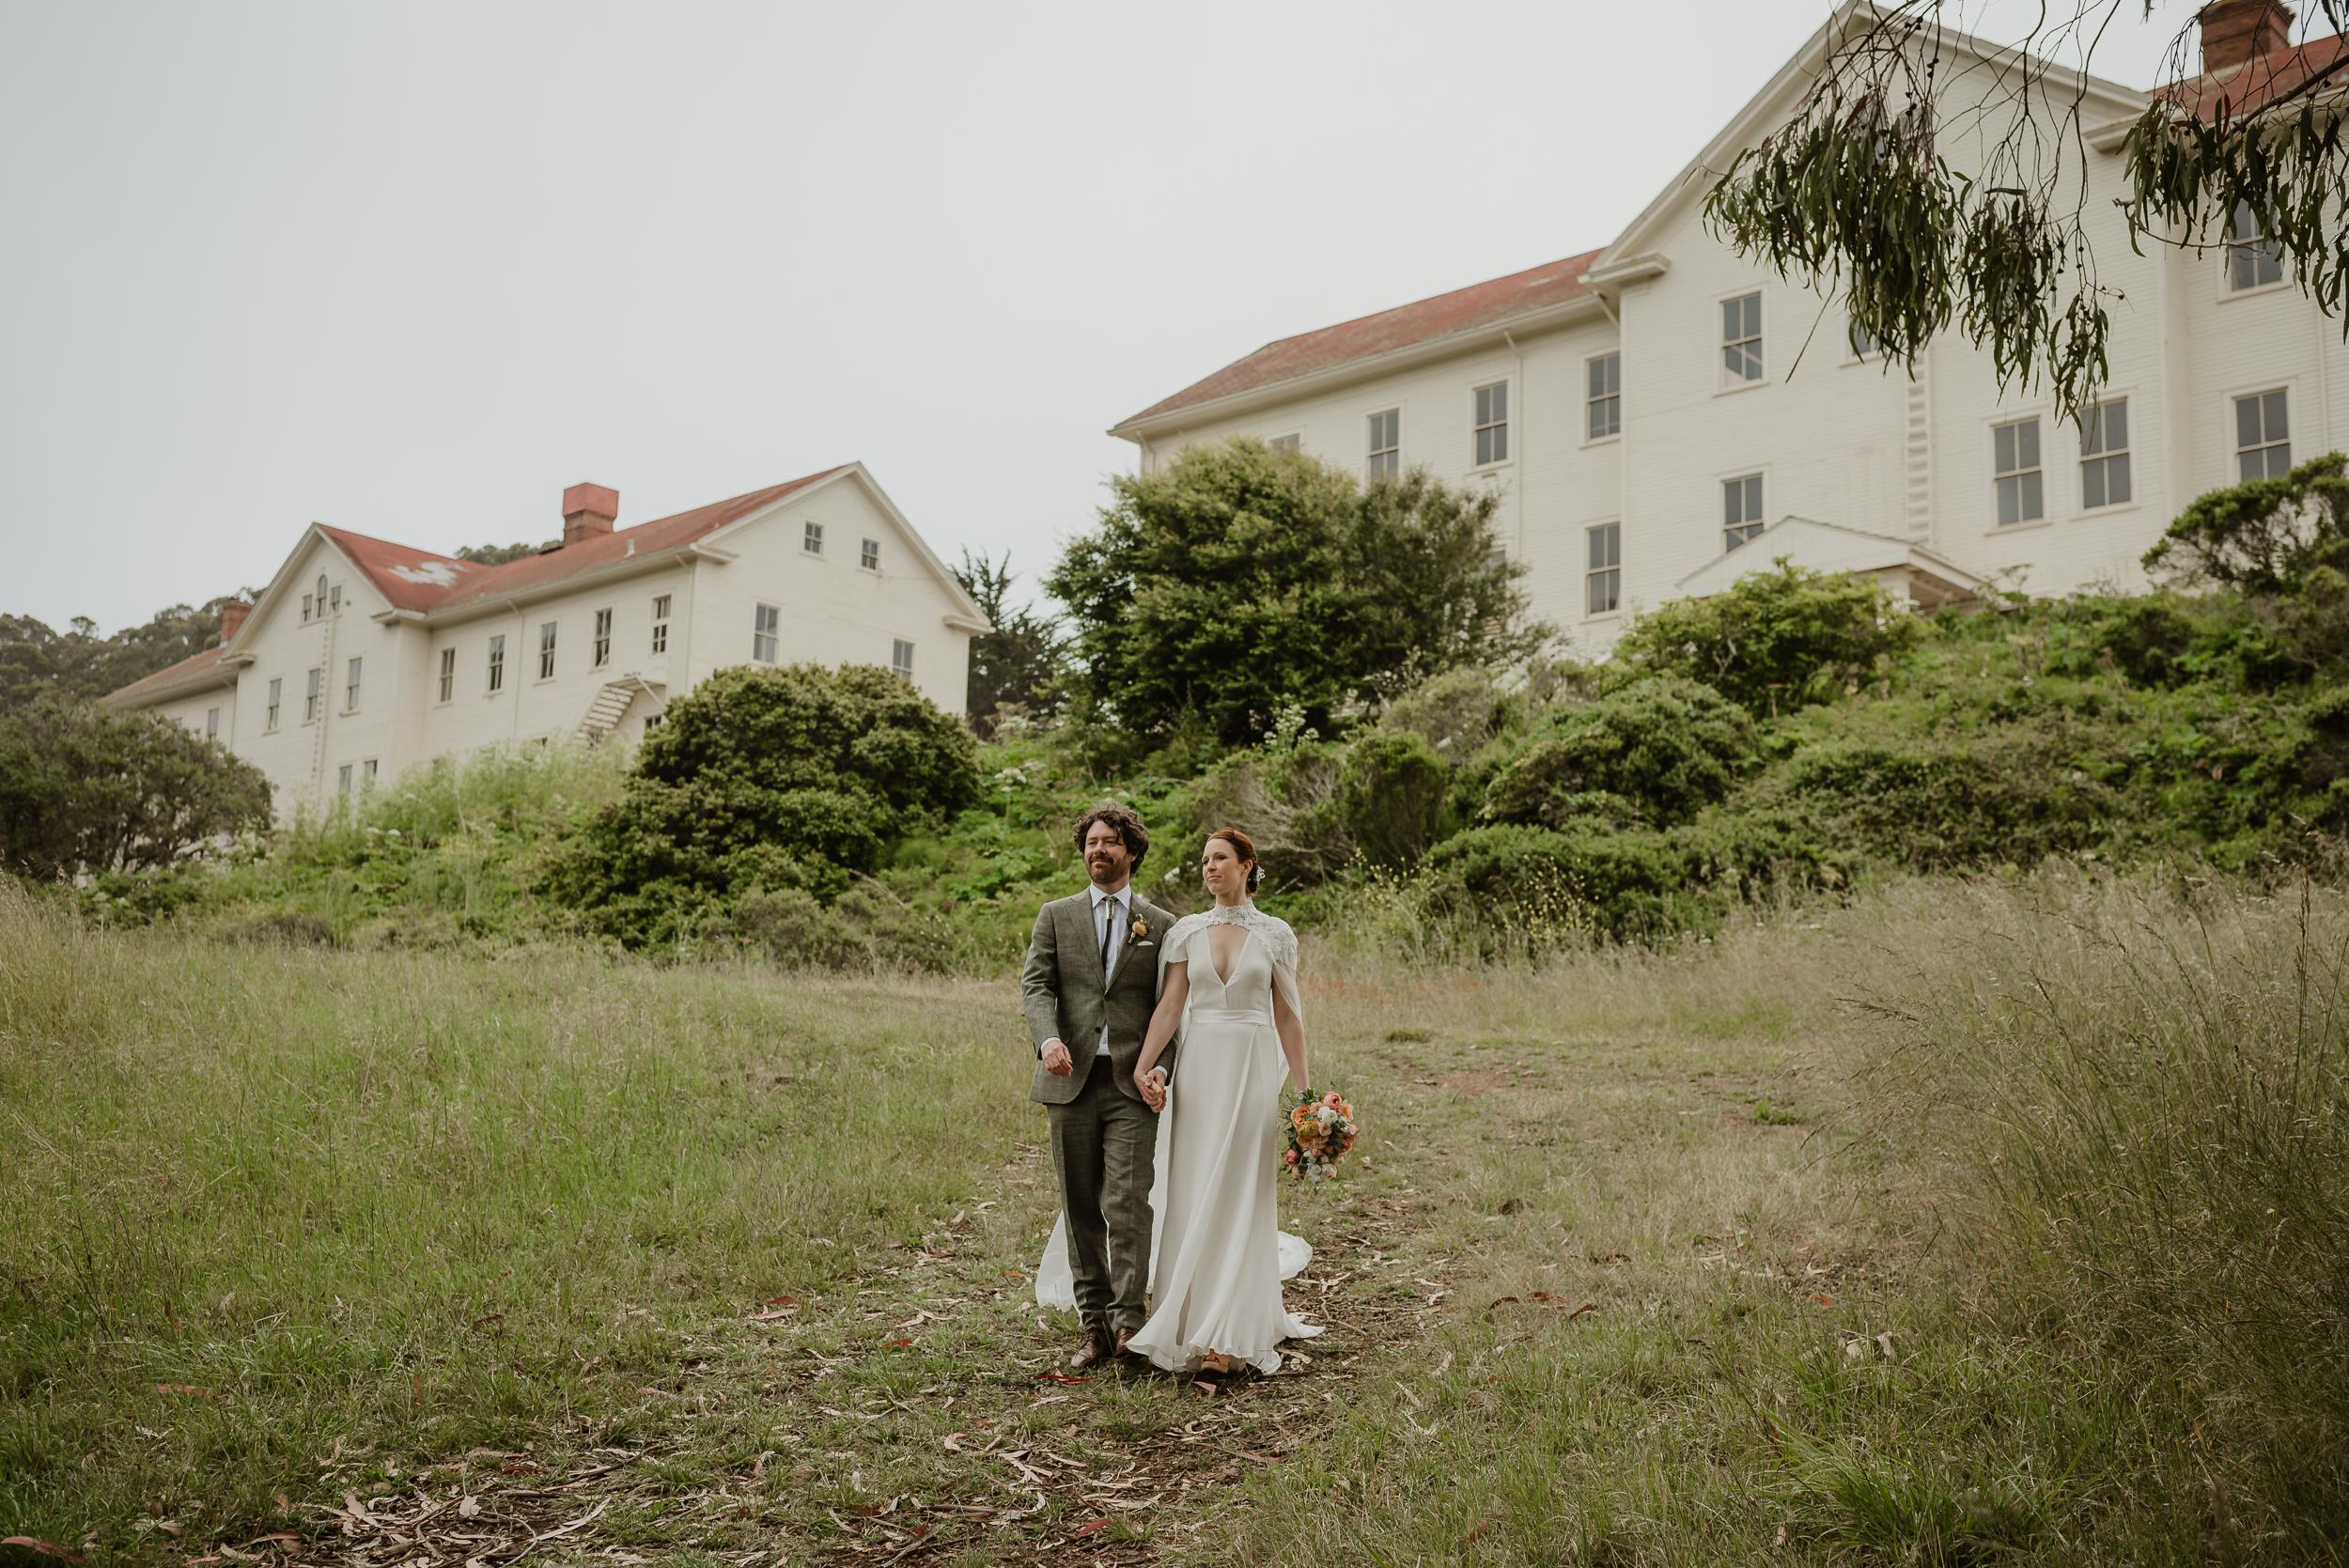 056-san-francisco-headlands-center-for-the-arts-wedding-vivianchen-306.jpg